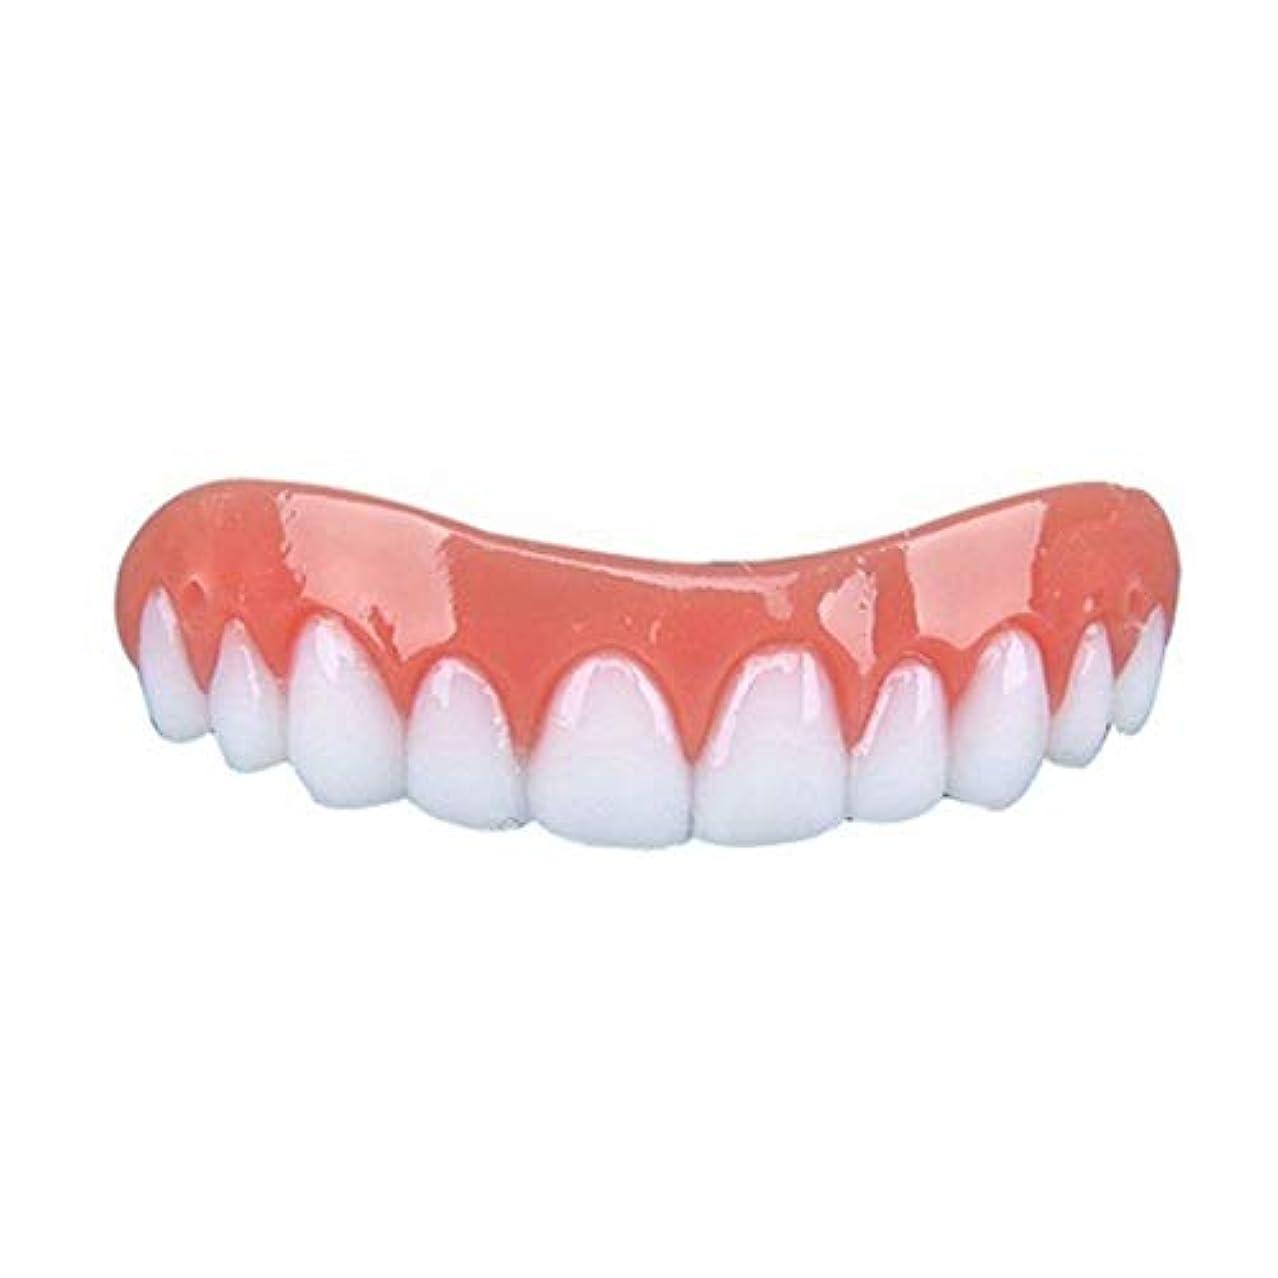 打ち上げる間違い偽造Bartram 歯カバー シリコン義歯ペースト 上歯 笑顔を保つ 歯保護 美容用 入れ歯 矯正義歯